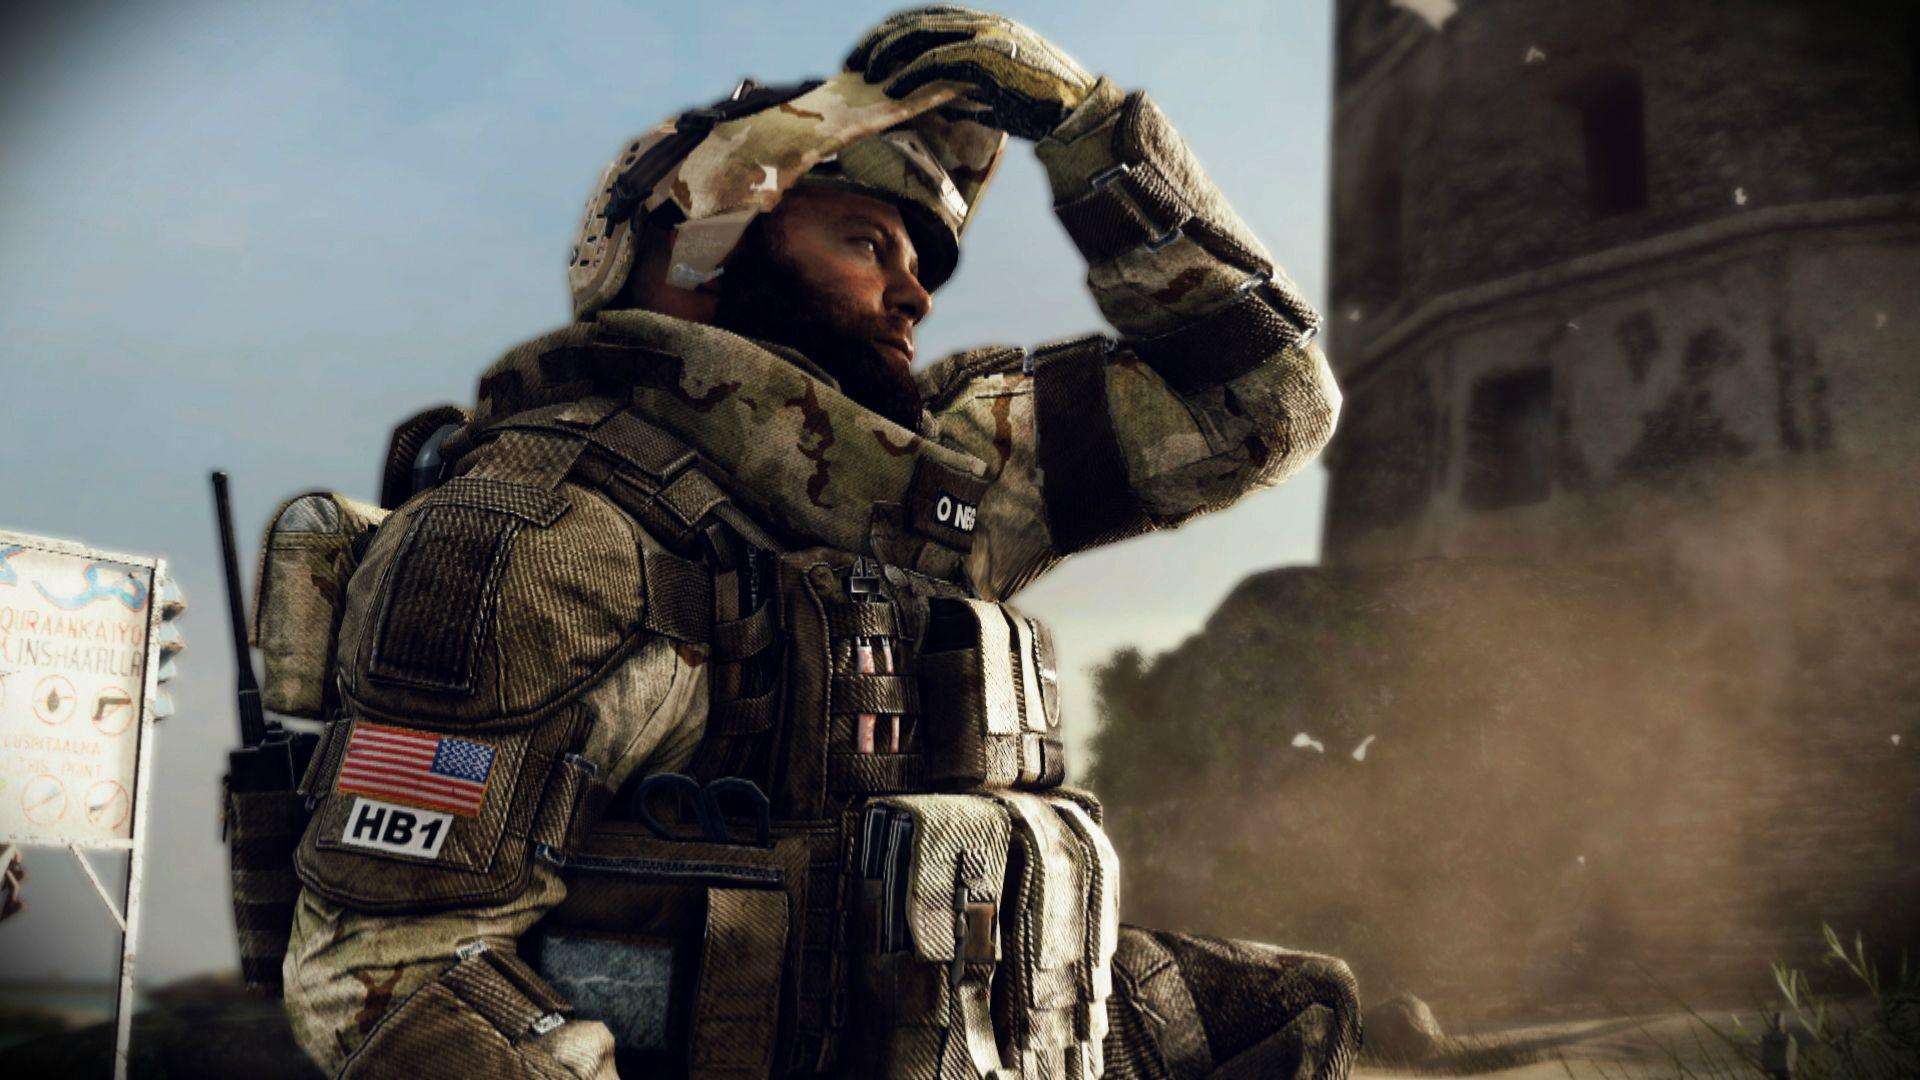 Este trailer de Medal of Honor: Warfighter, dice estar basado en un hecho real [Vídeo]